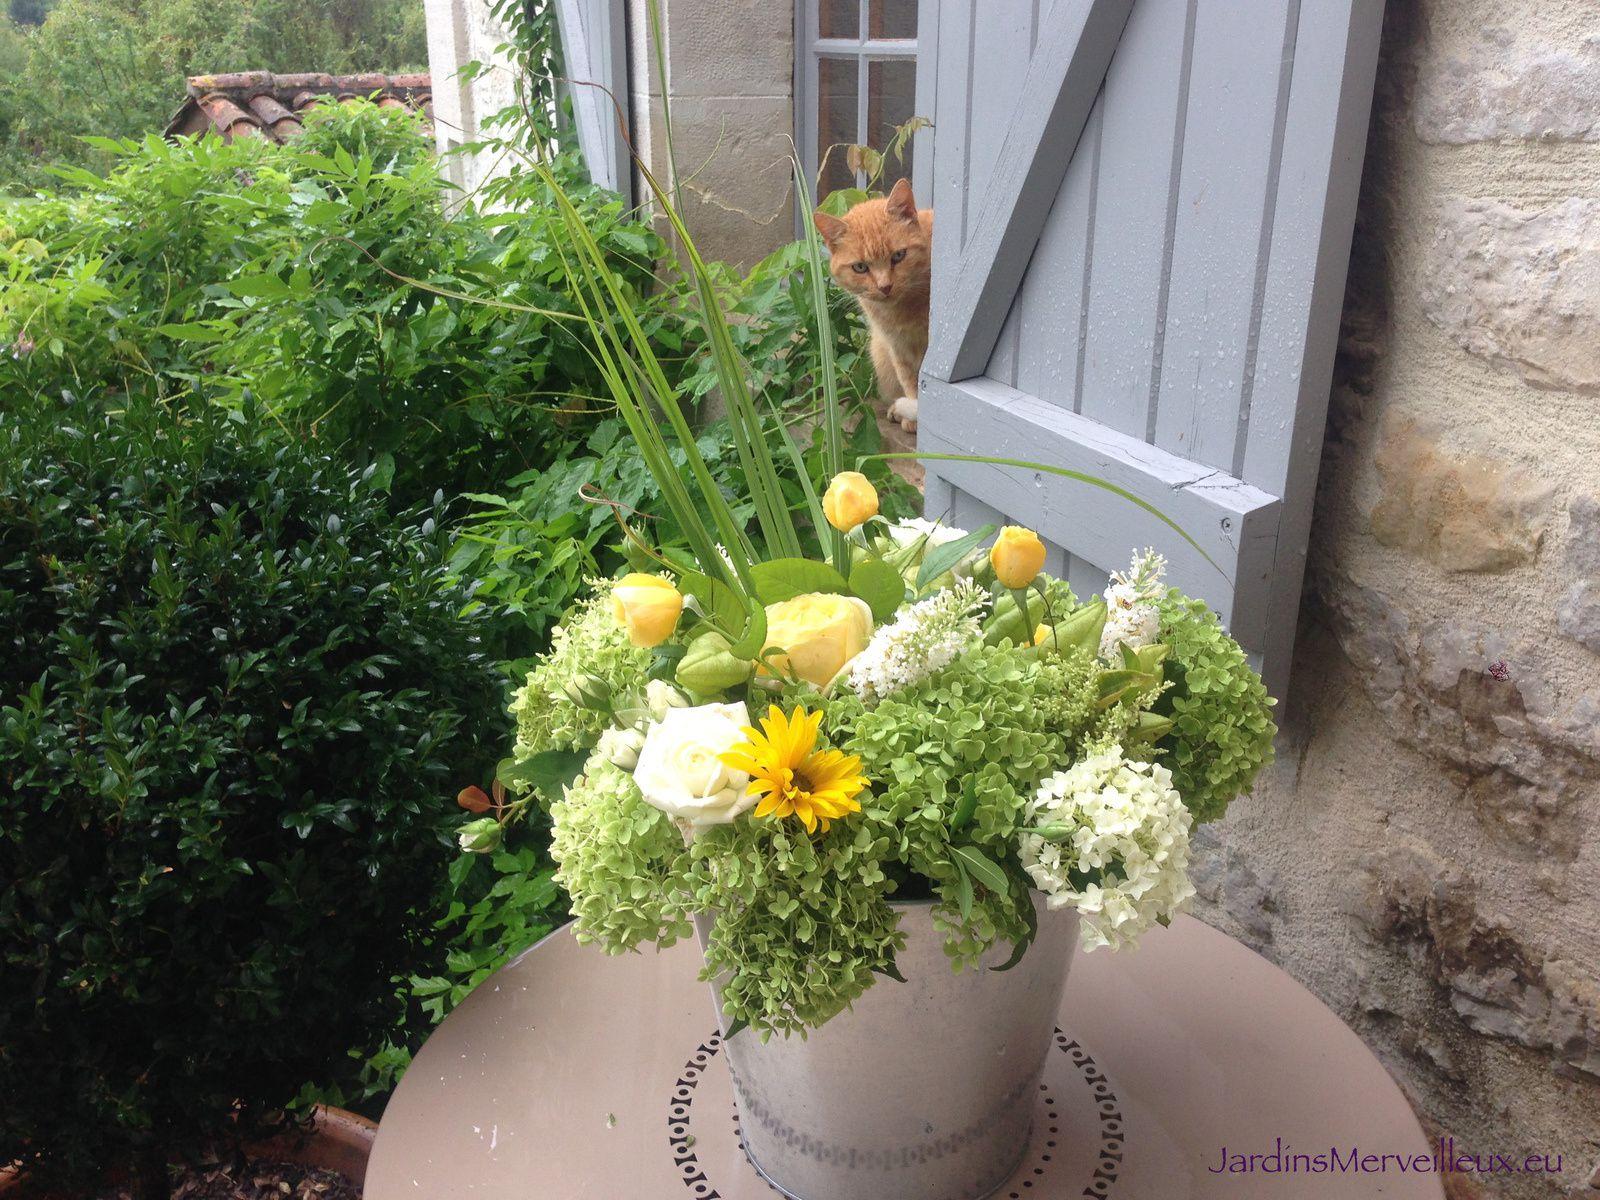 J'observe ce qui se passe à l'intérieur de la maison et les allées et venues vers le jardin...